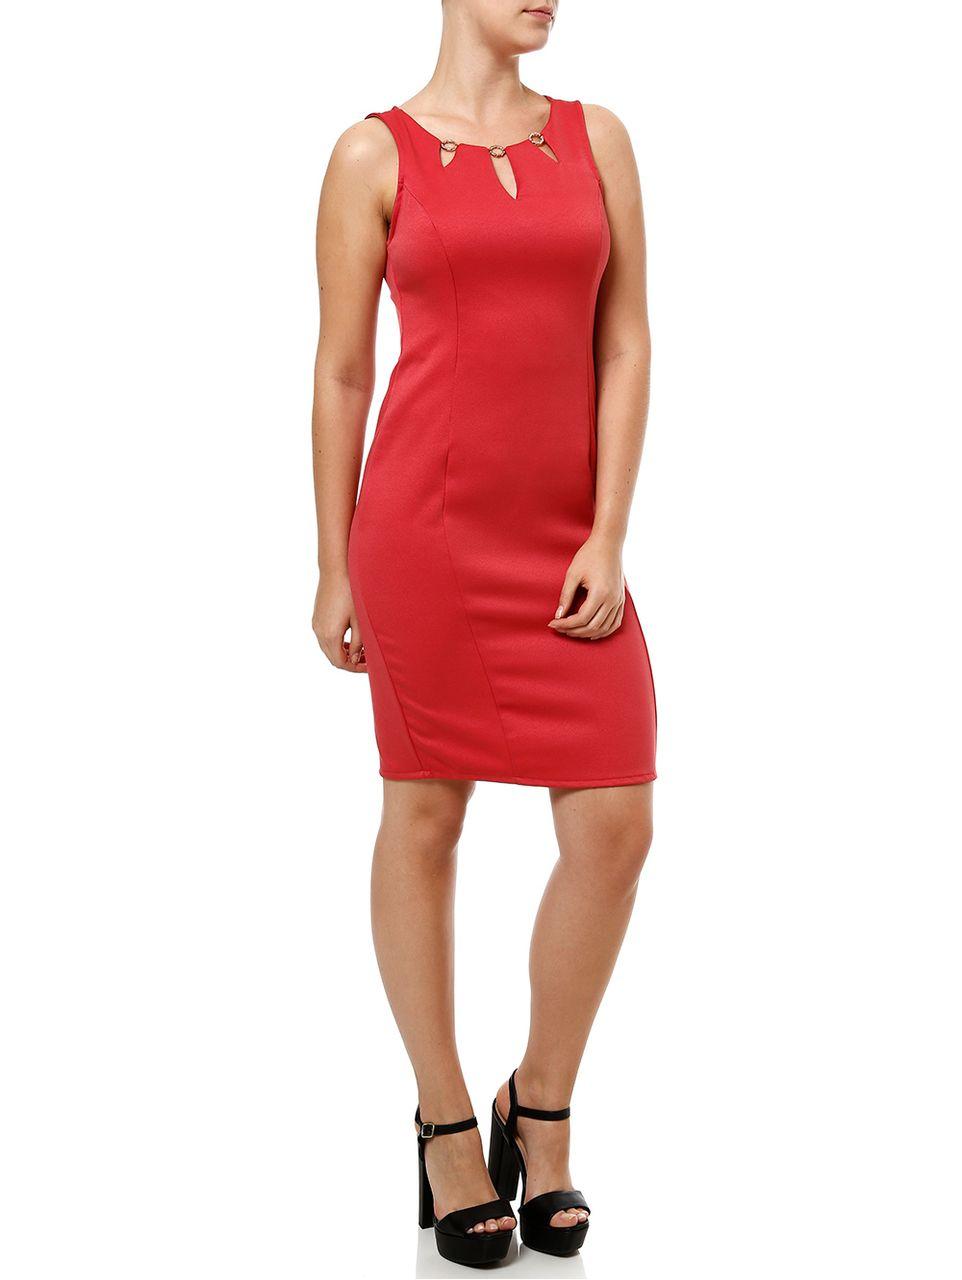 Vestido Curto Feminino Coral